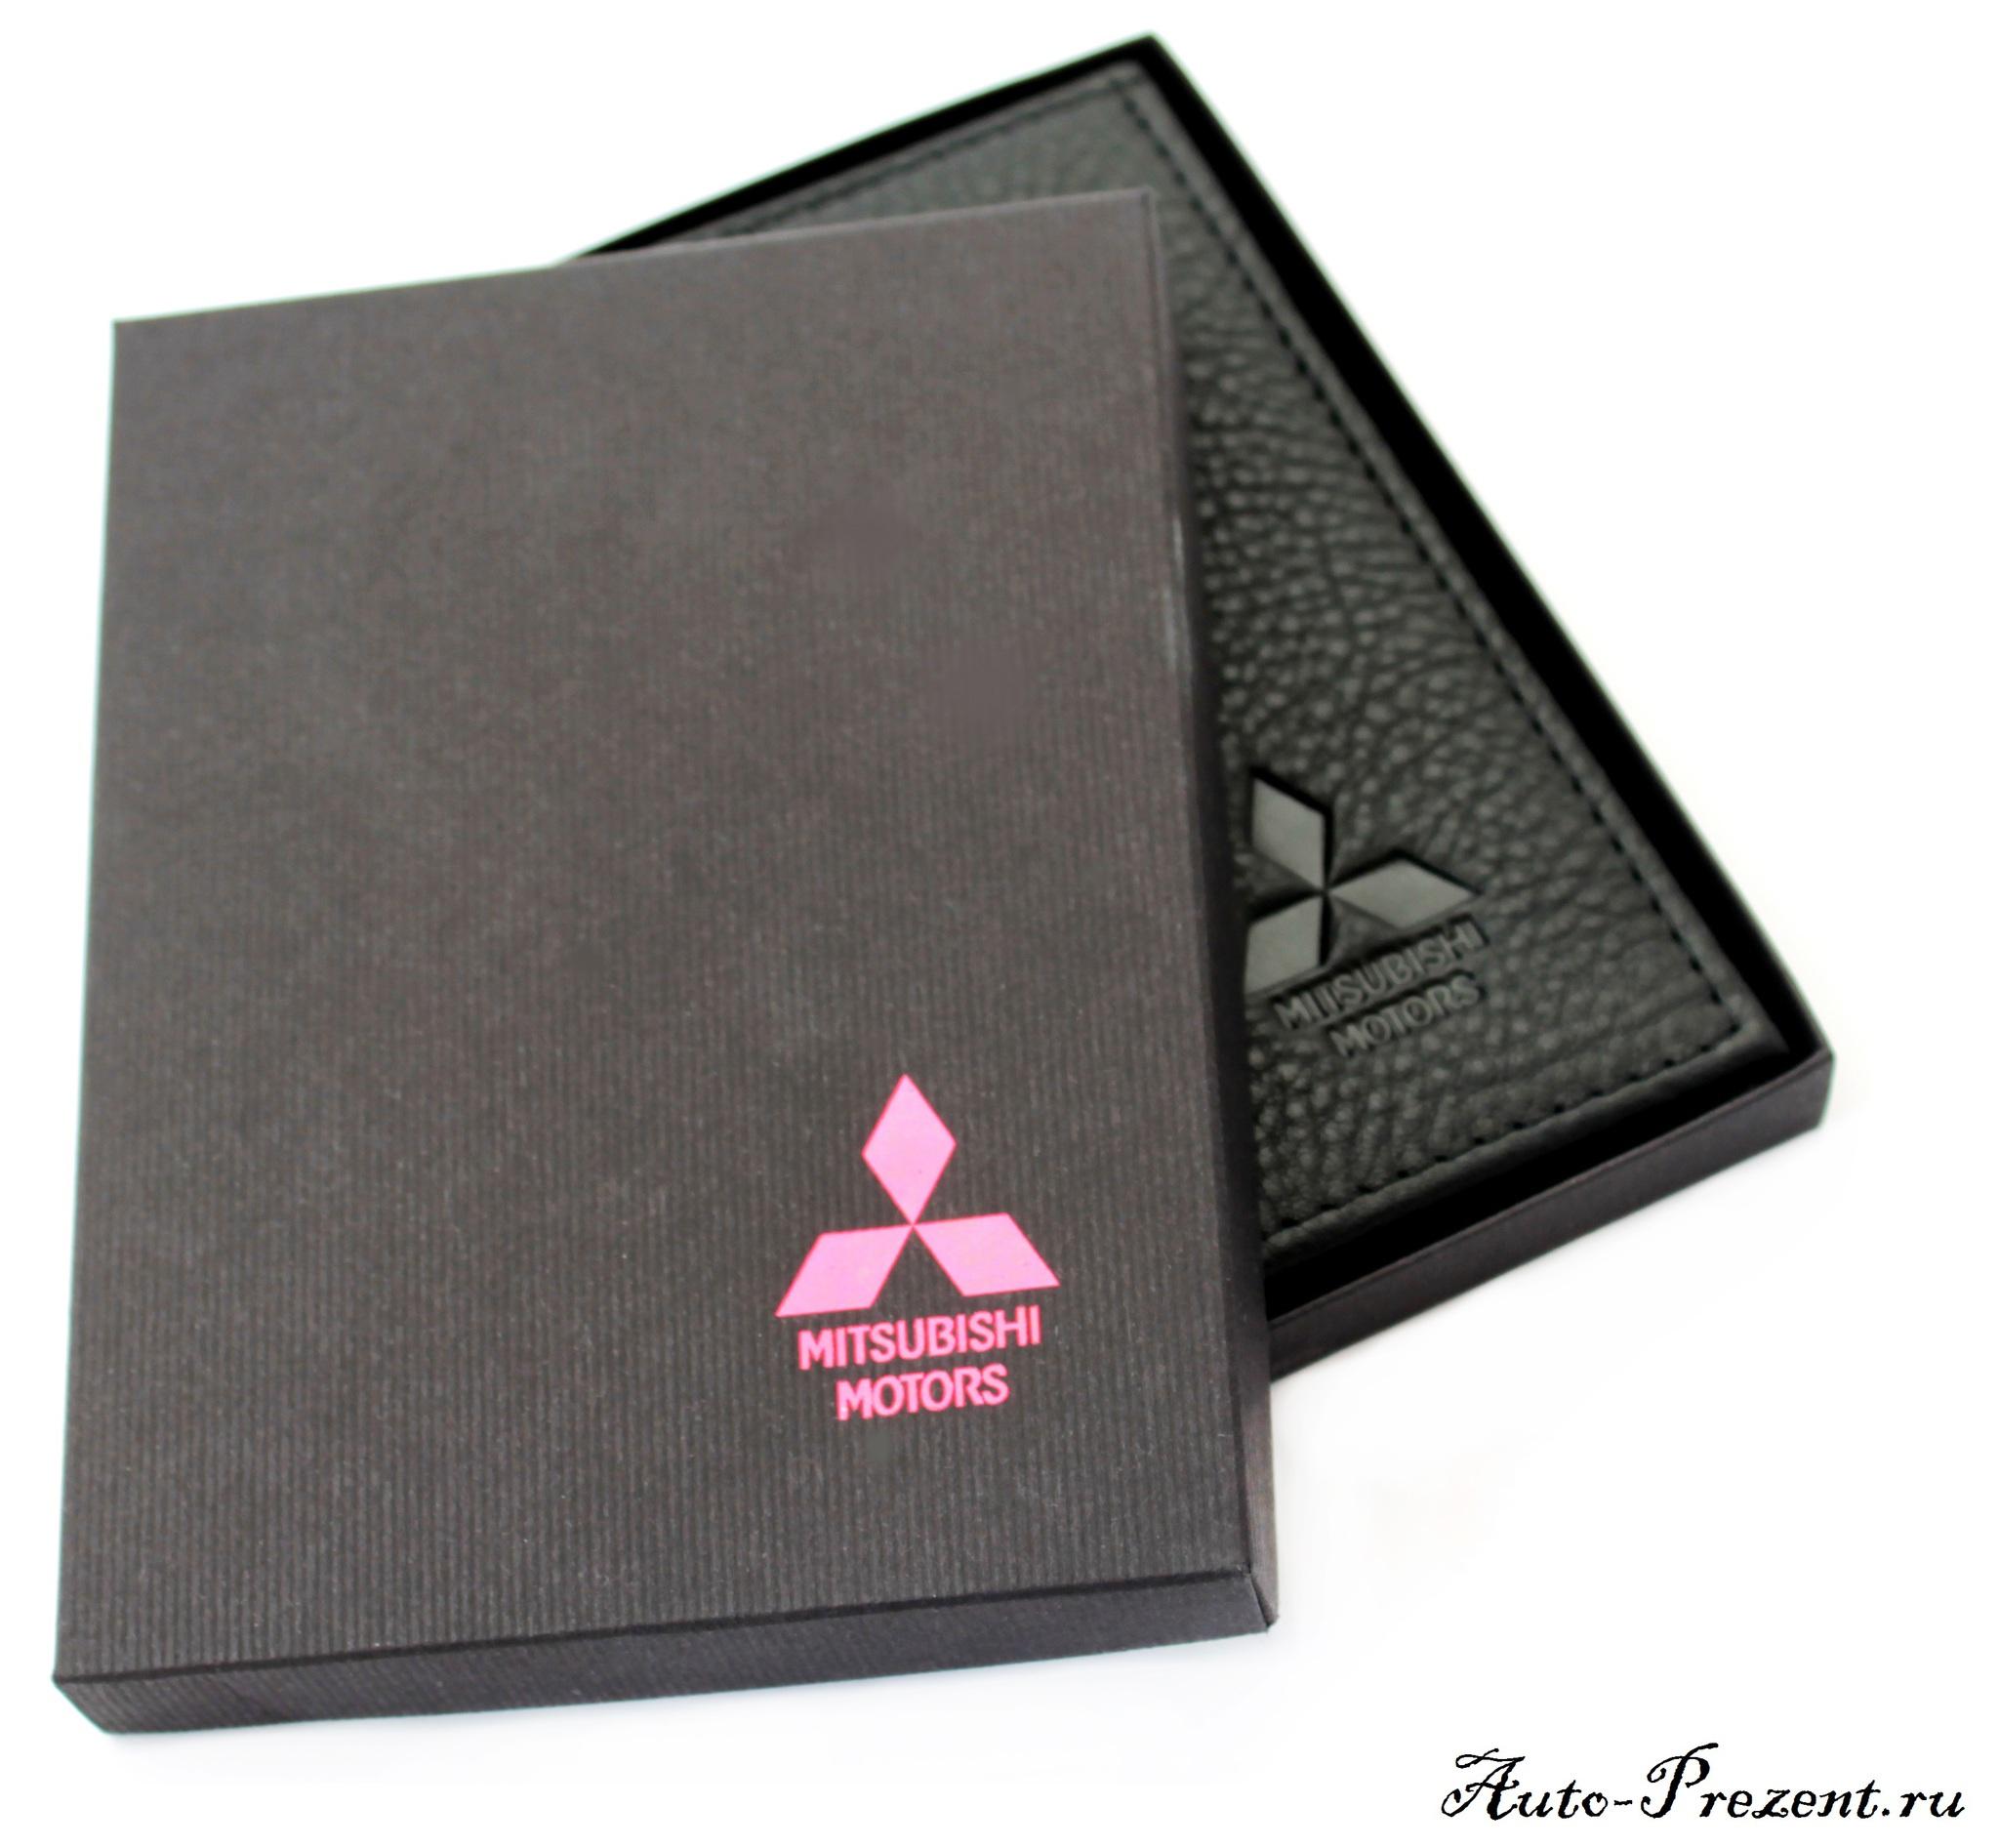 Портмоне для автодокументов из натуральной кожи с логотипом MITSUBISHI